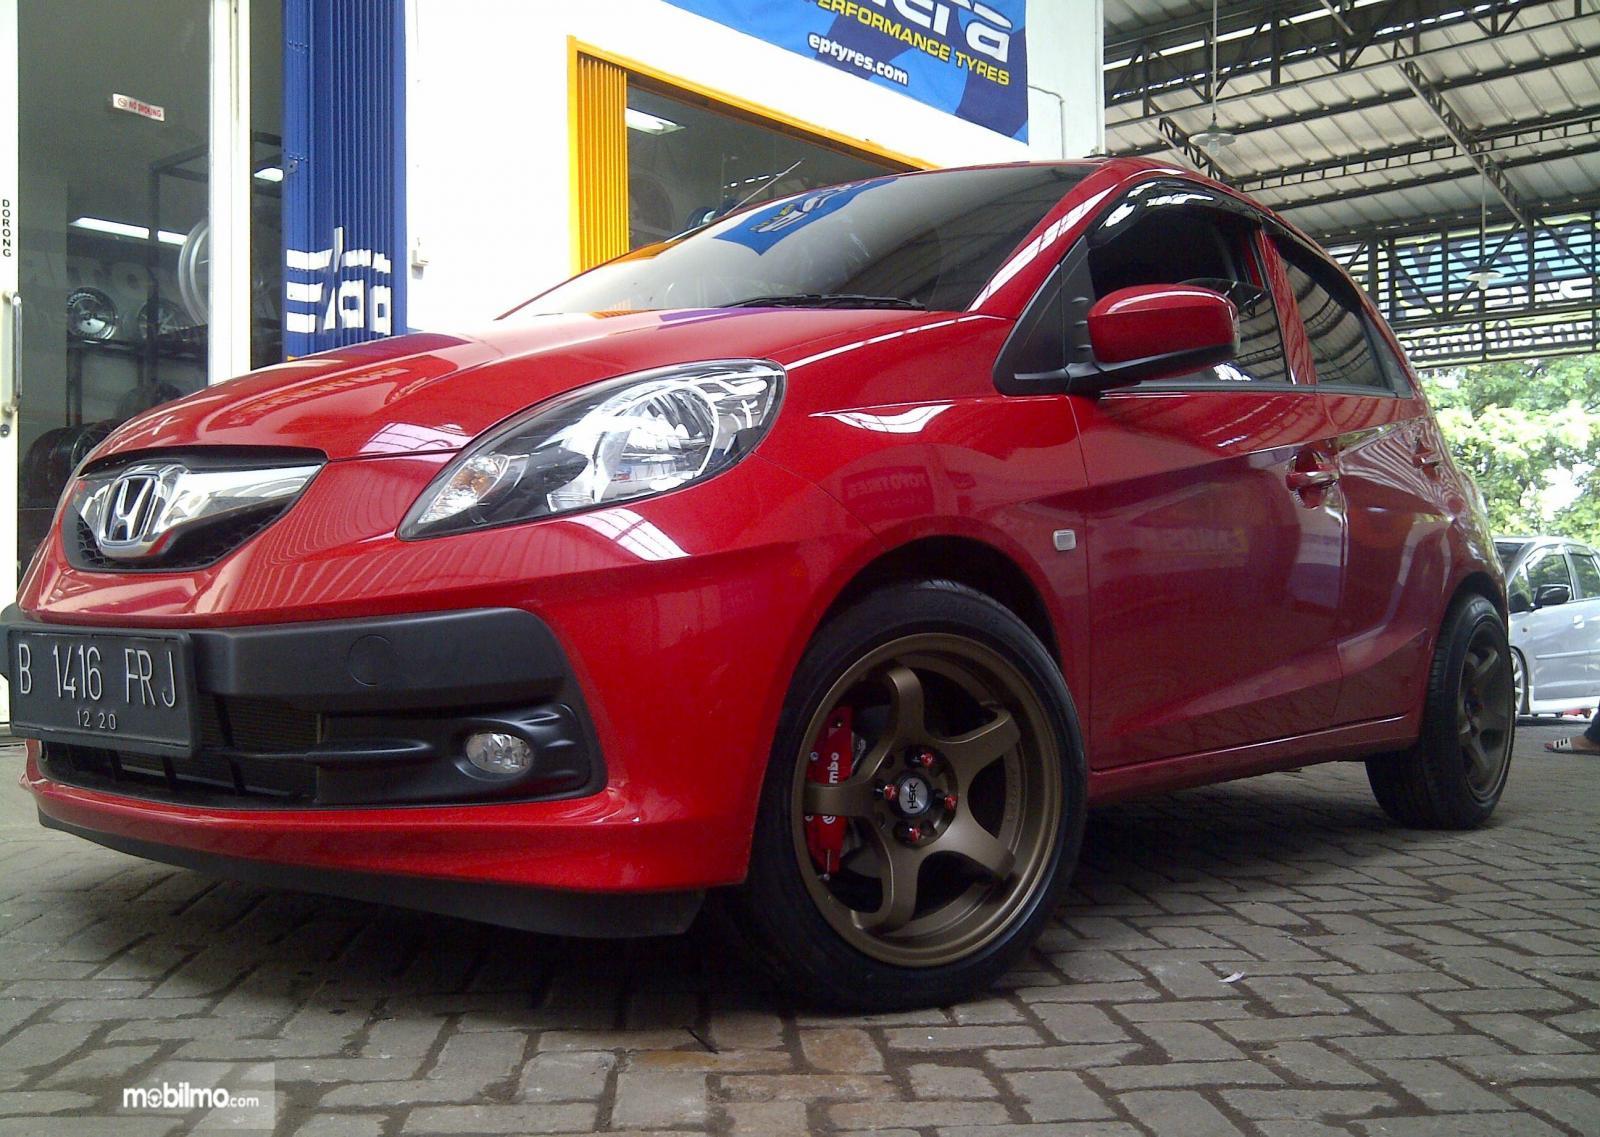 Foto mobil Honda merah dengan velg modifikasi